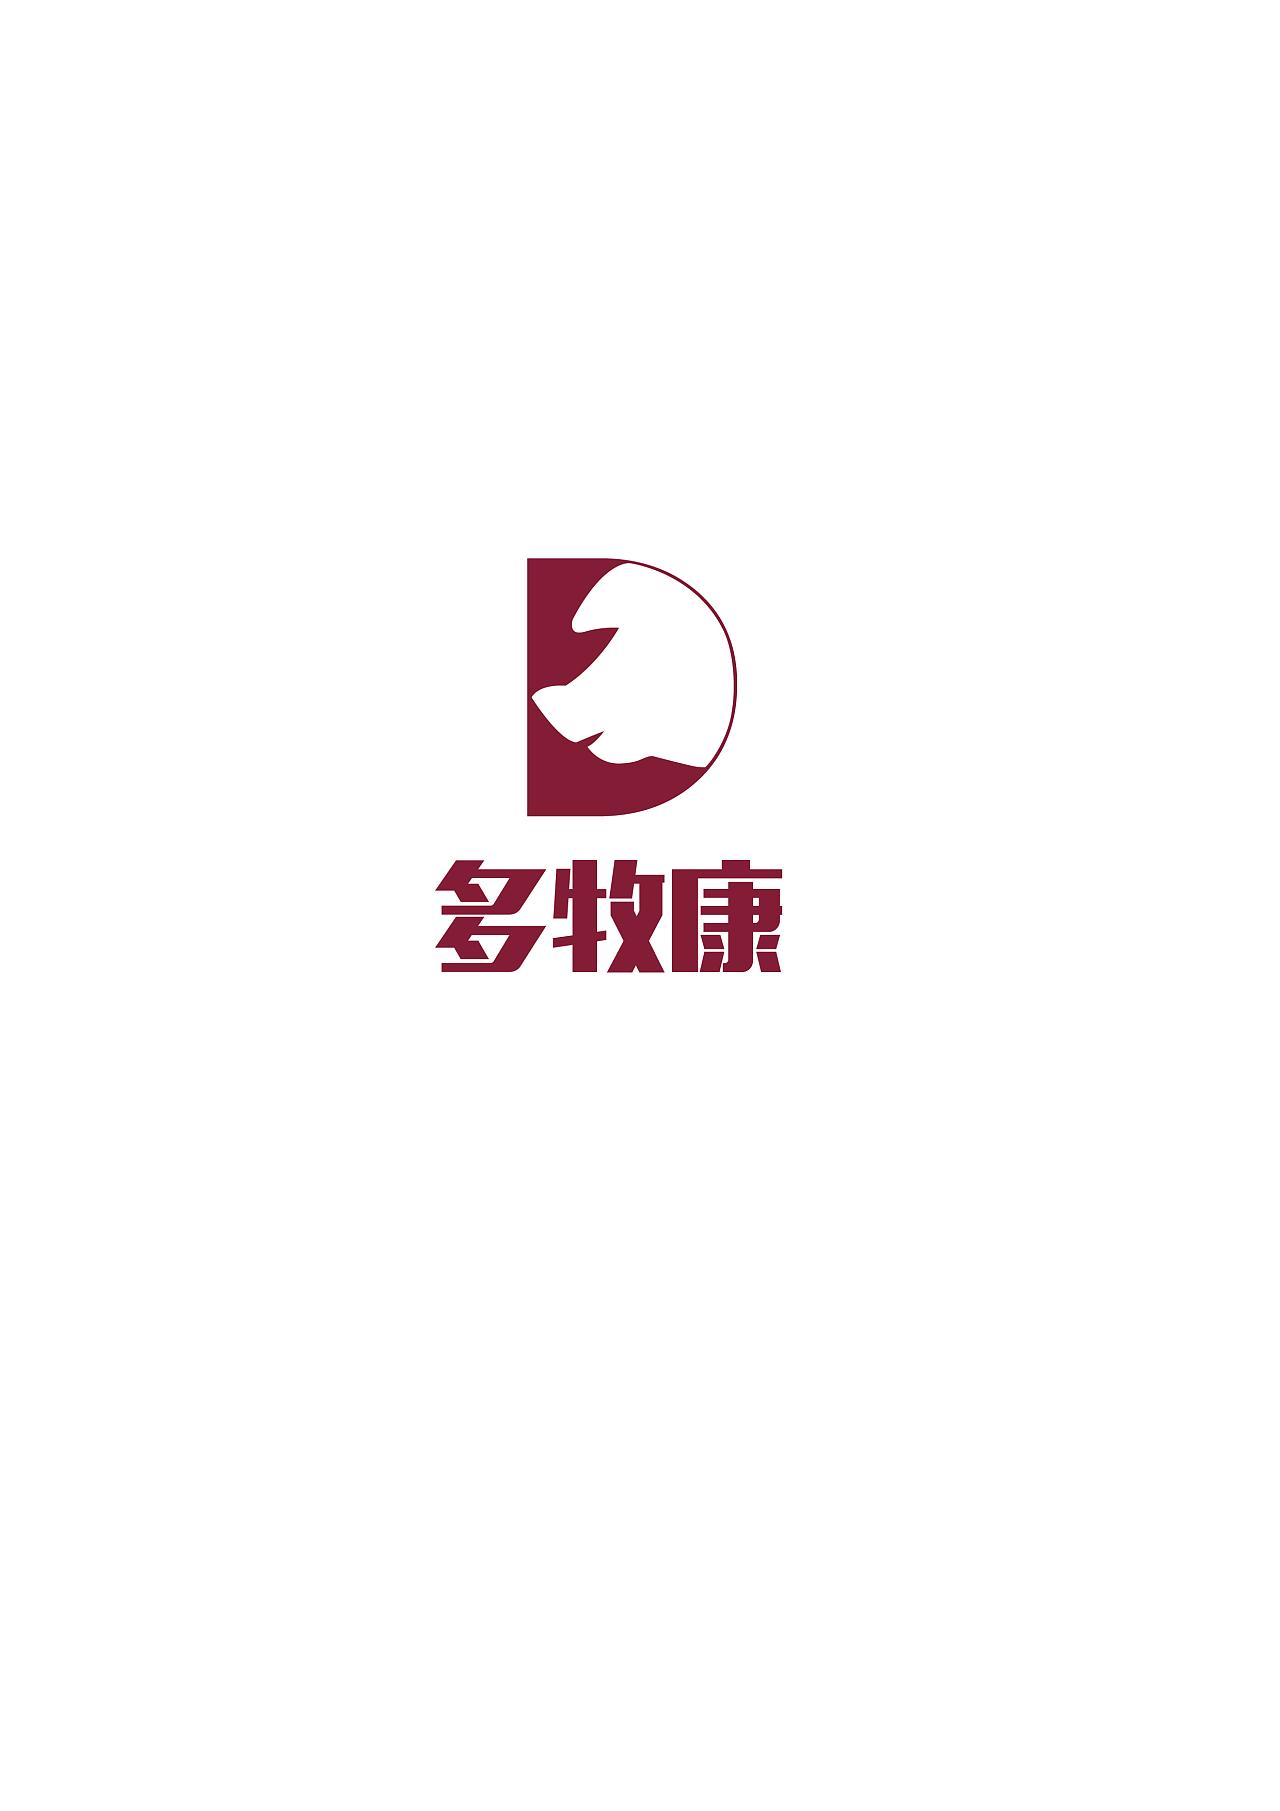 猪字logo设计图